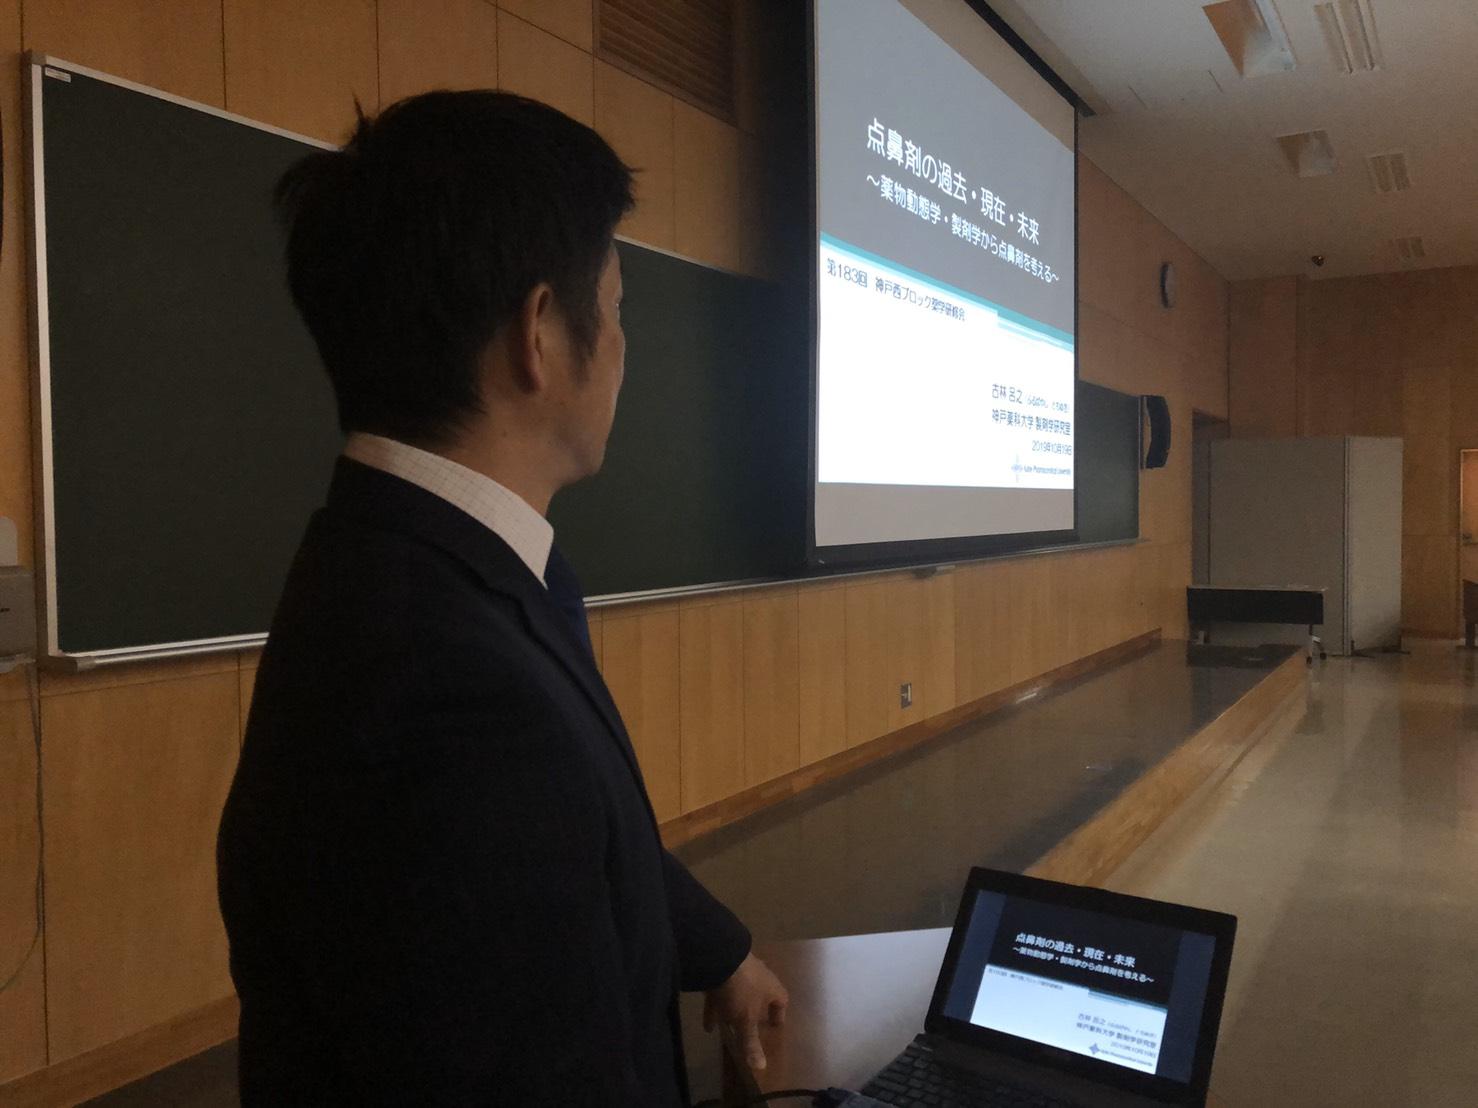 記事 古林准教授が第183回神戸西ブロック薬学研修会で講演を行いました。のアイキャッチ画像